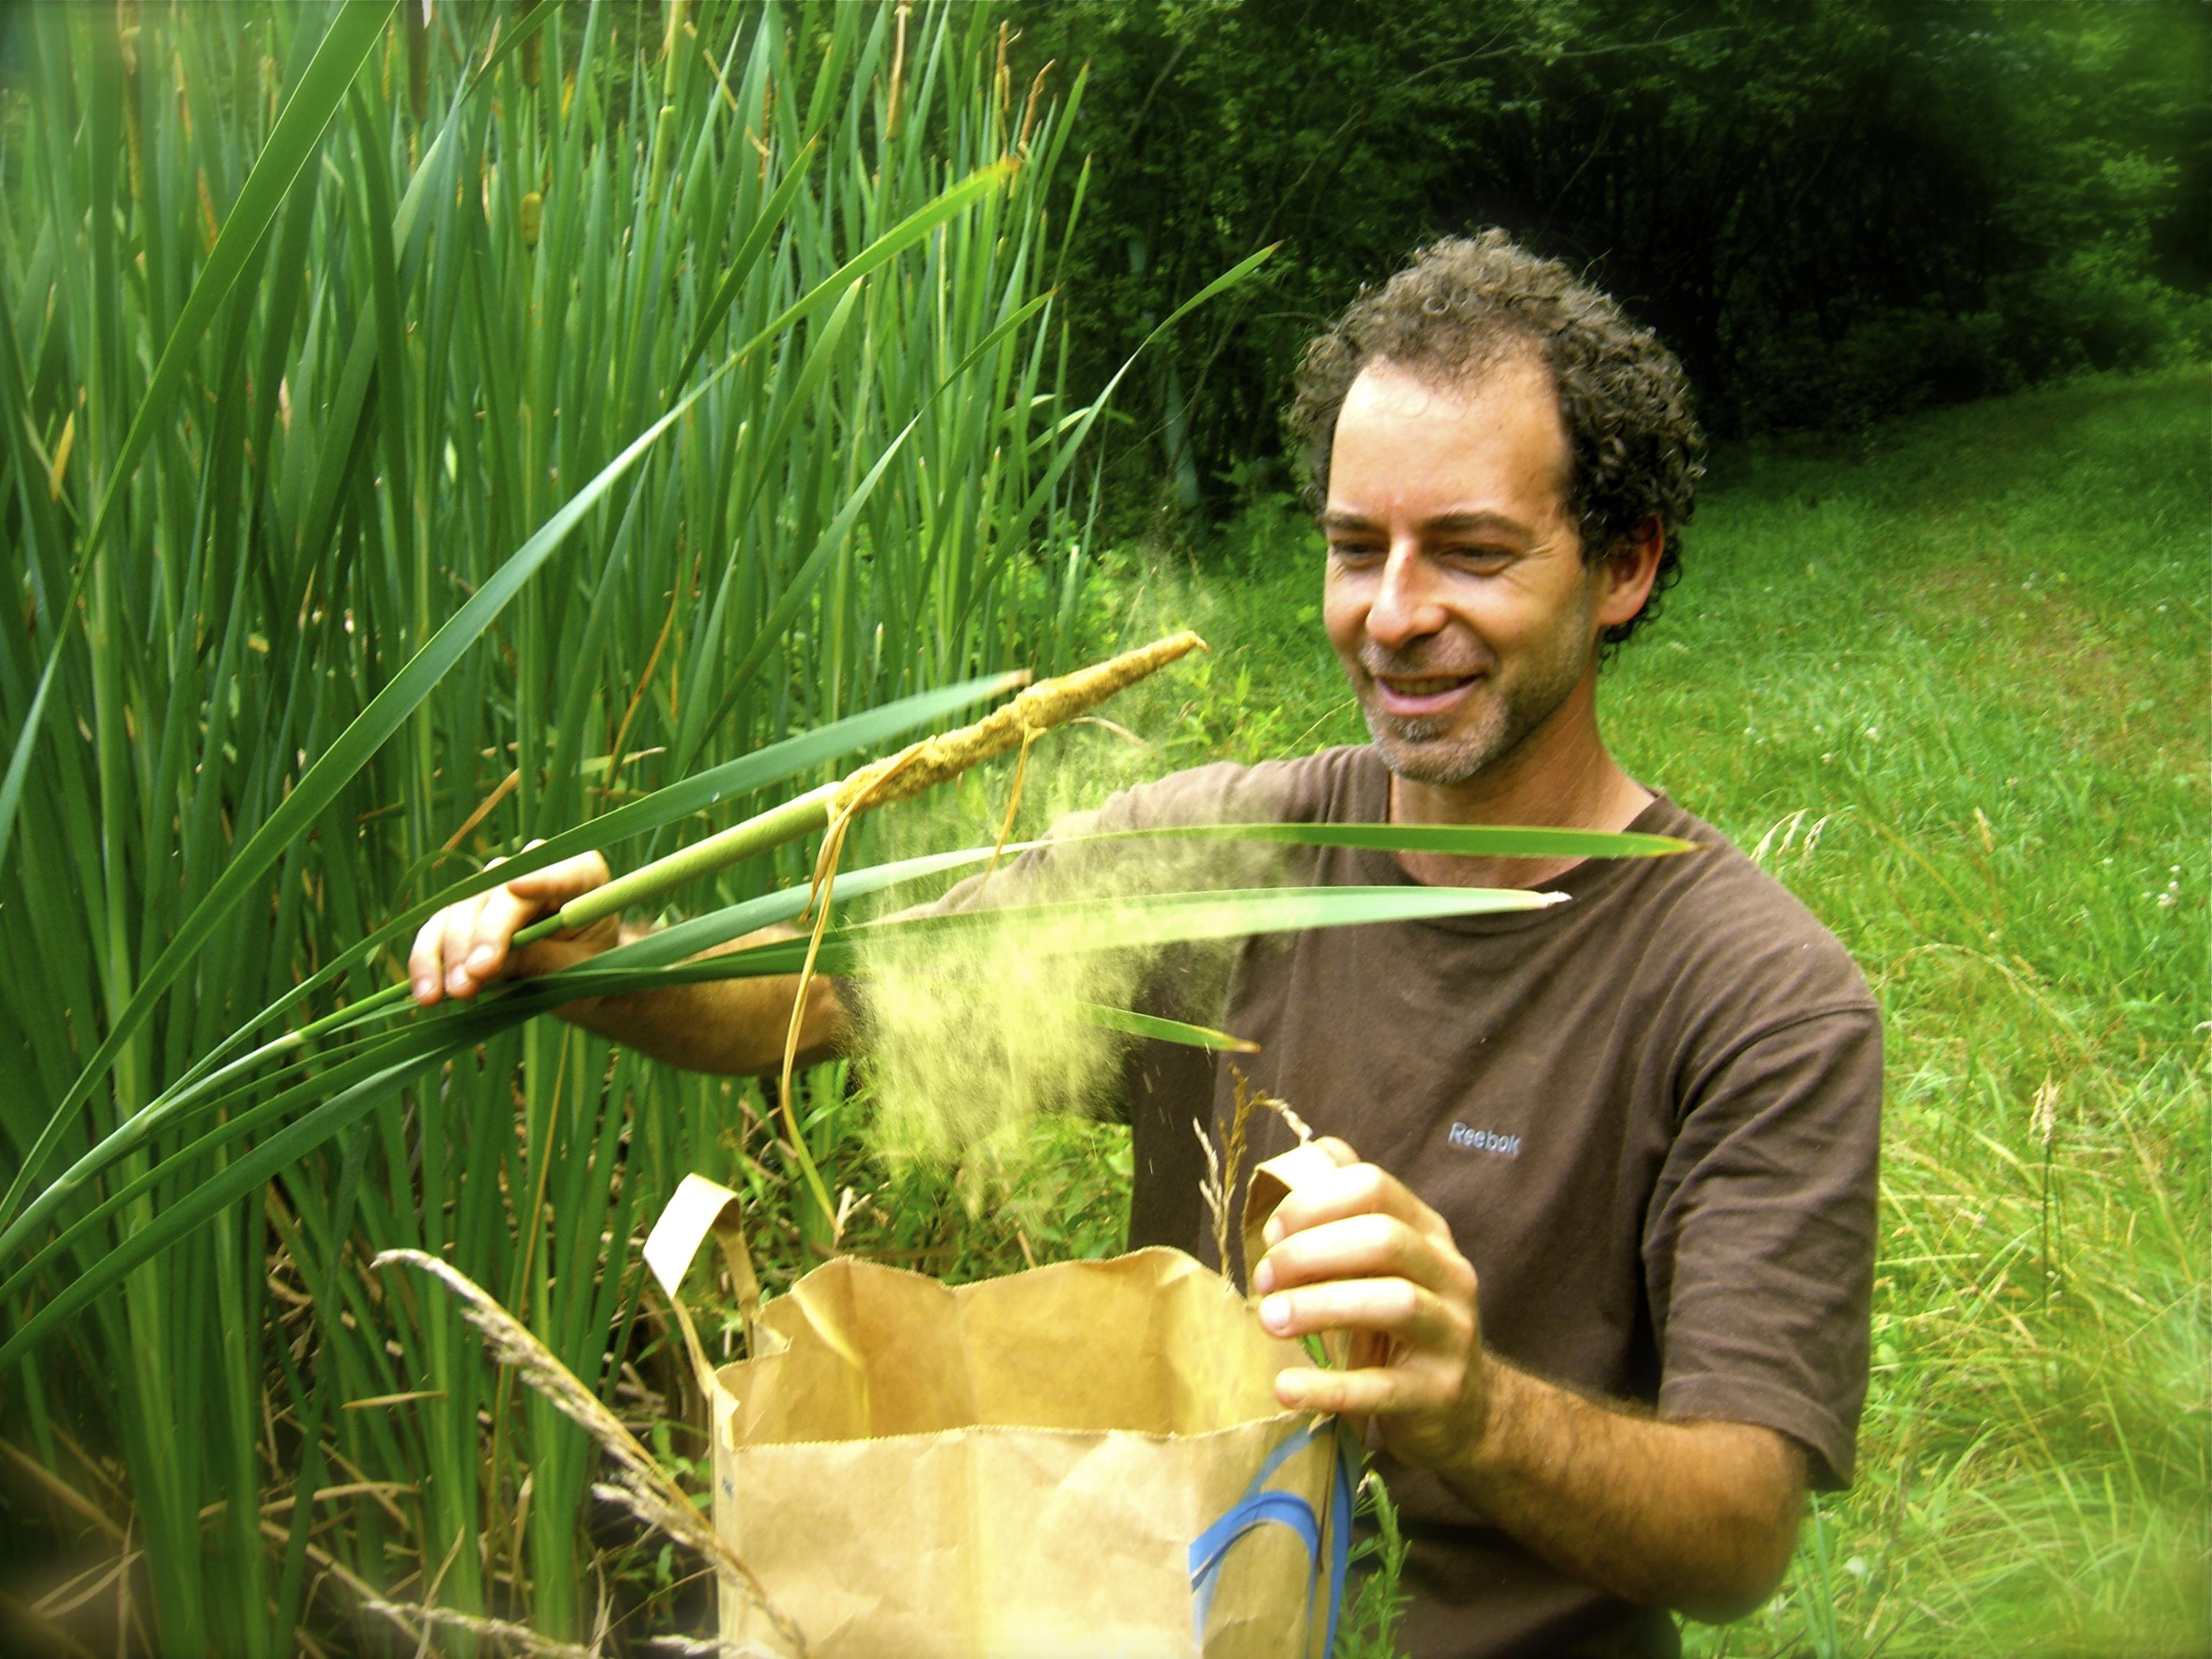 Muskat gathering cattail pollen